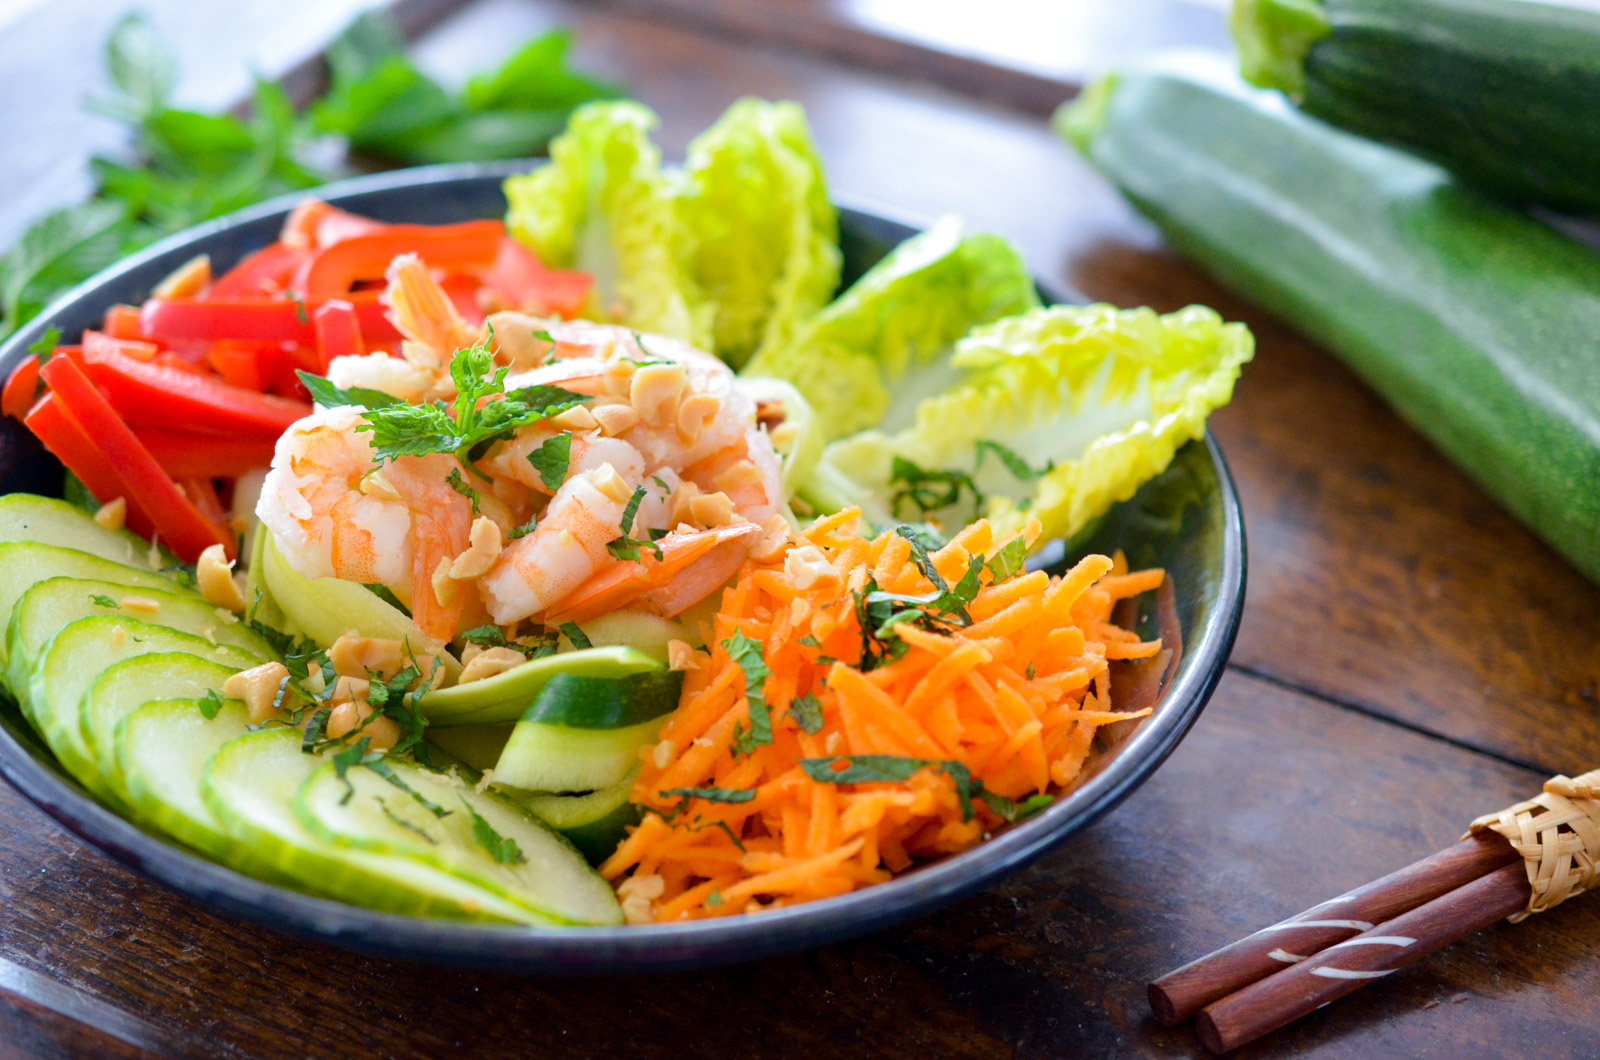 Salade de courgettes aux crevettes façon bobun